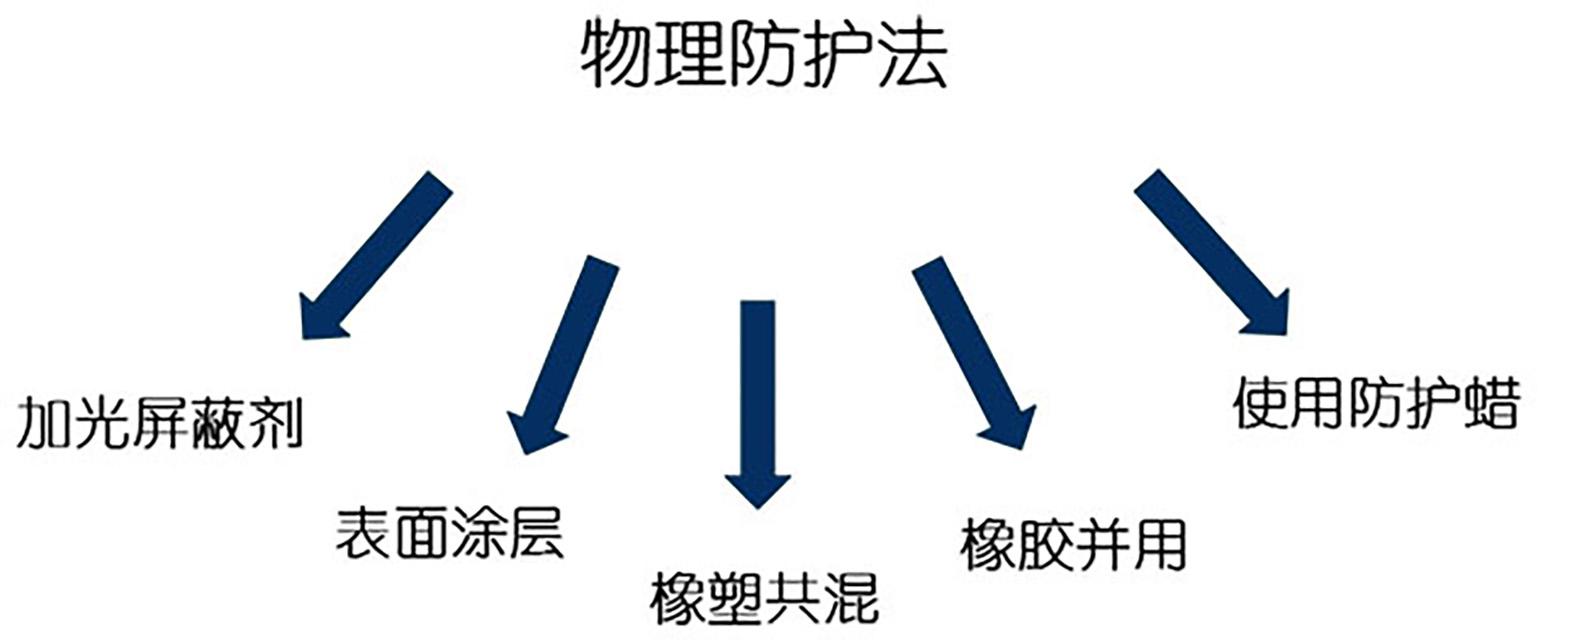 36-高分子材料老化—物理防护